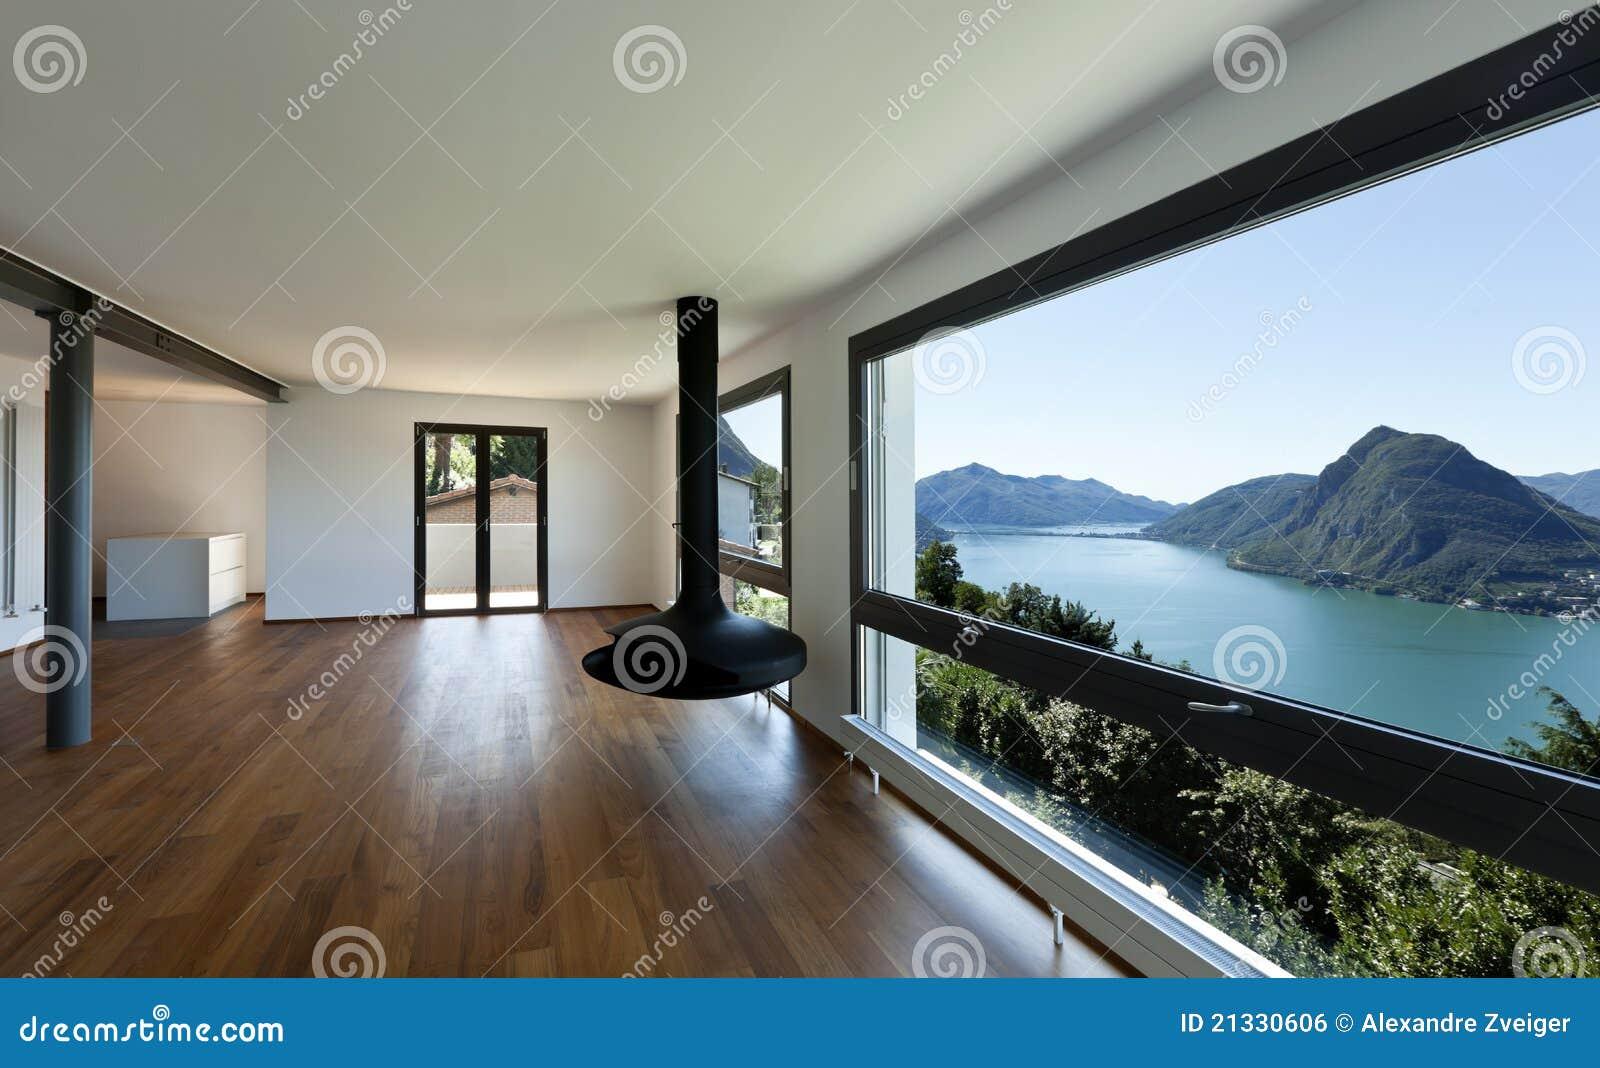 Royalty Free Download Grosses Wohnzimmer Mit Panoramischem Fenster